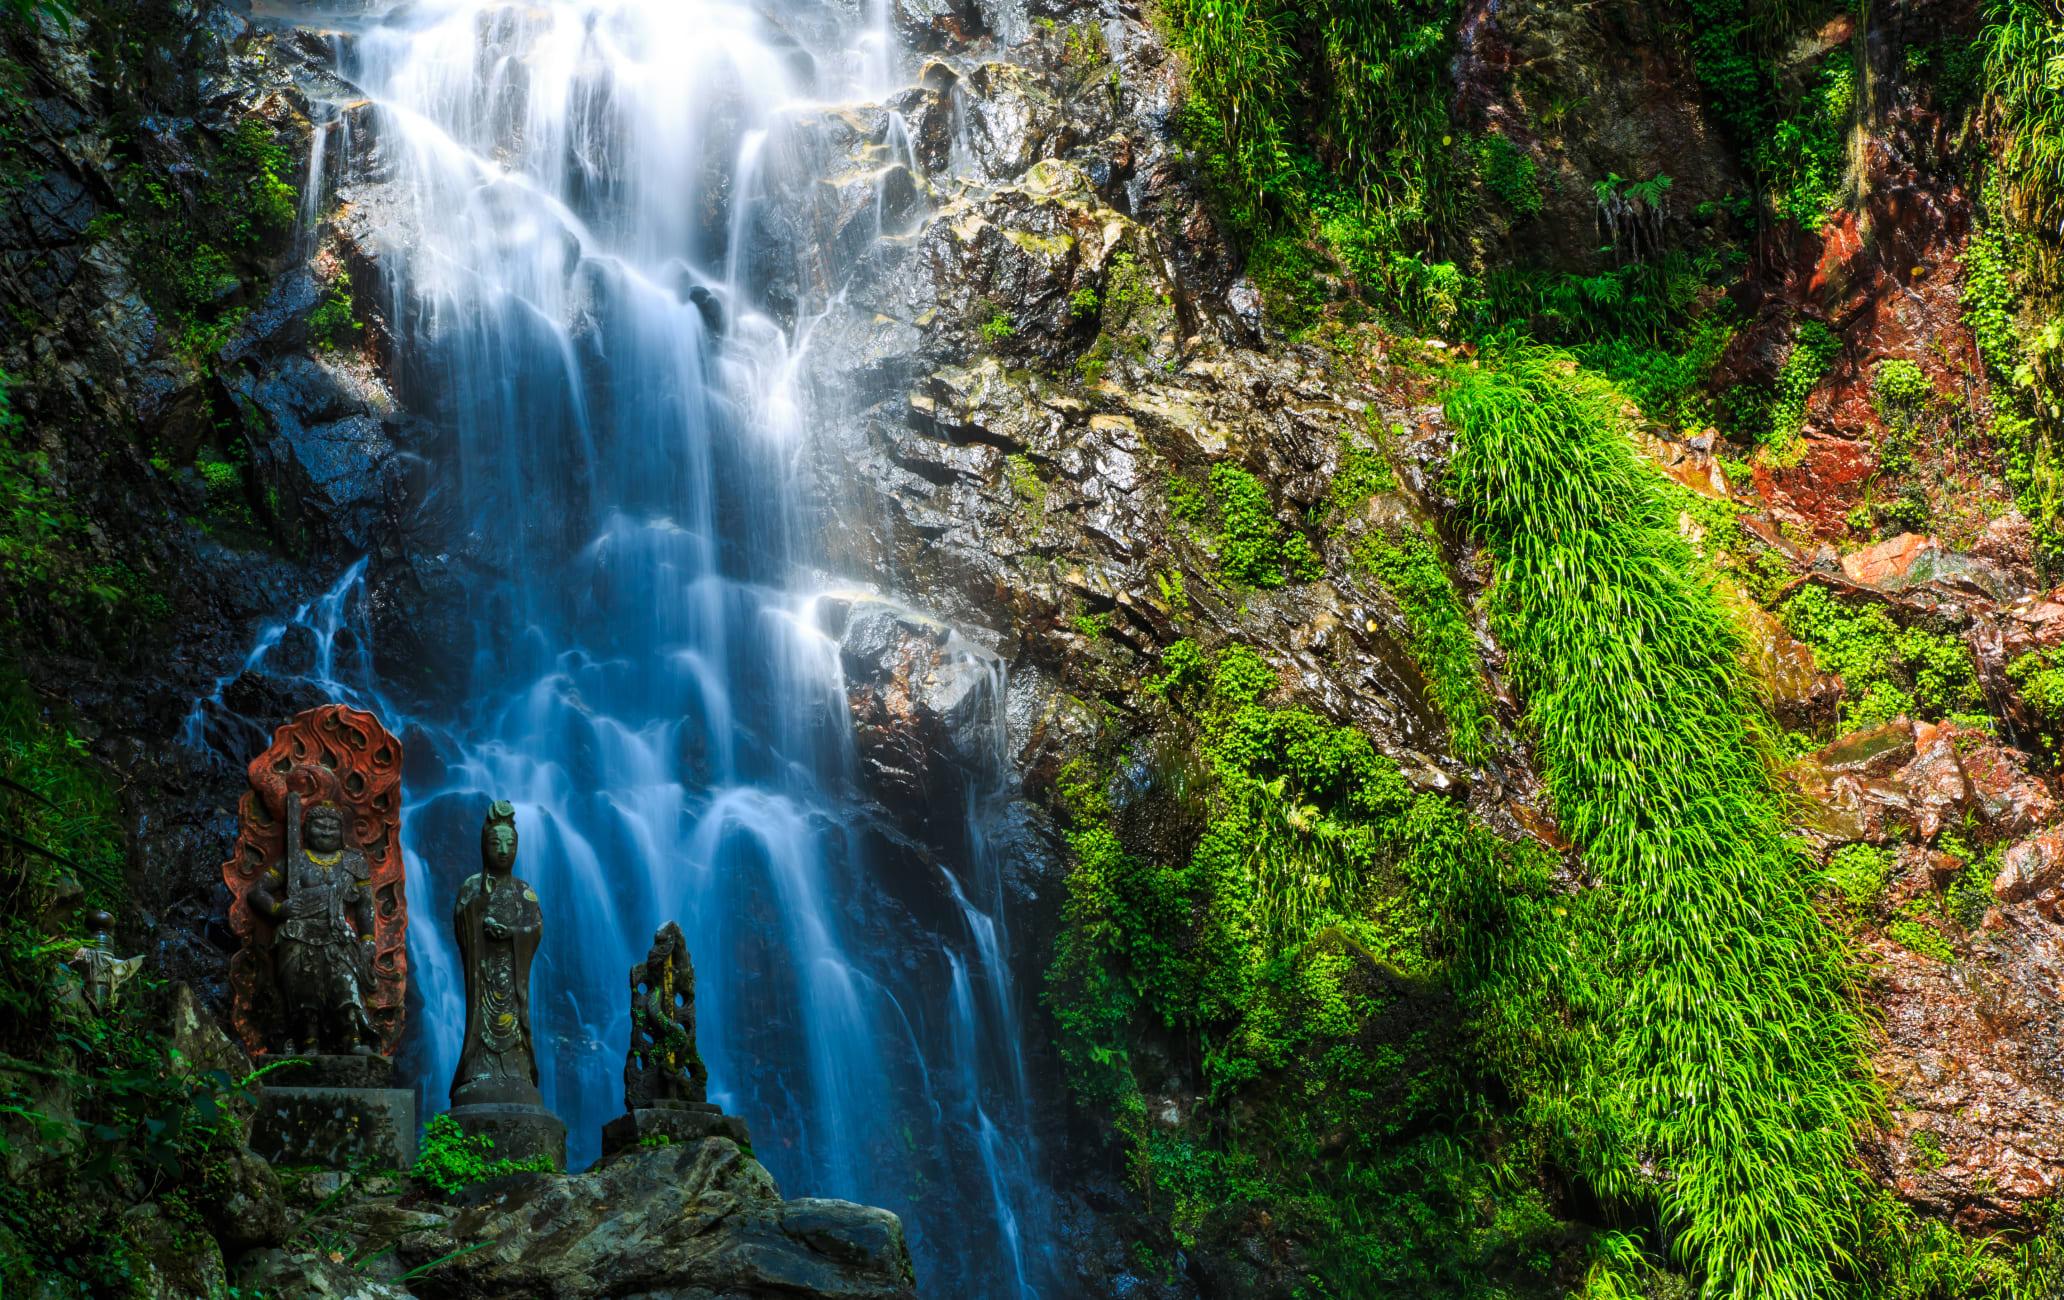 Kiyomizu Falls